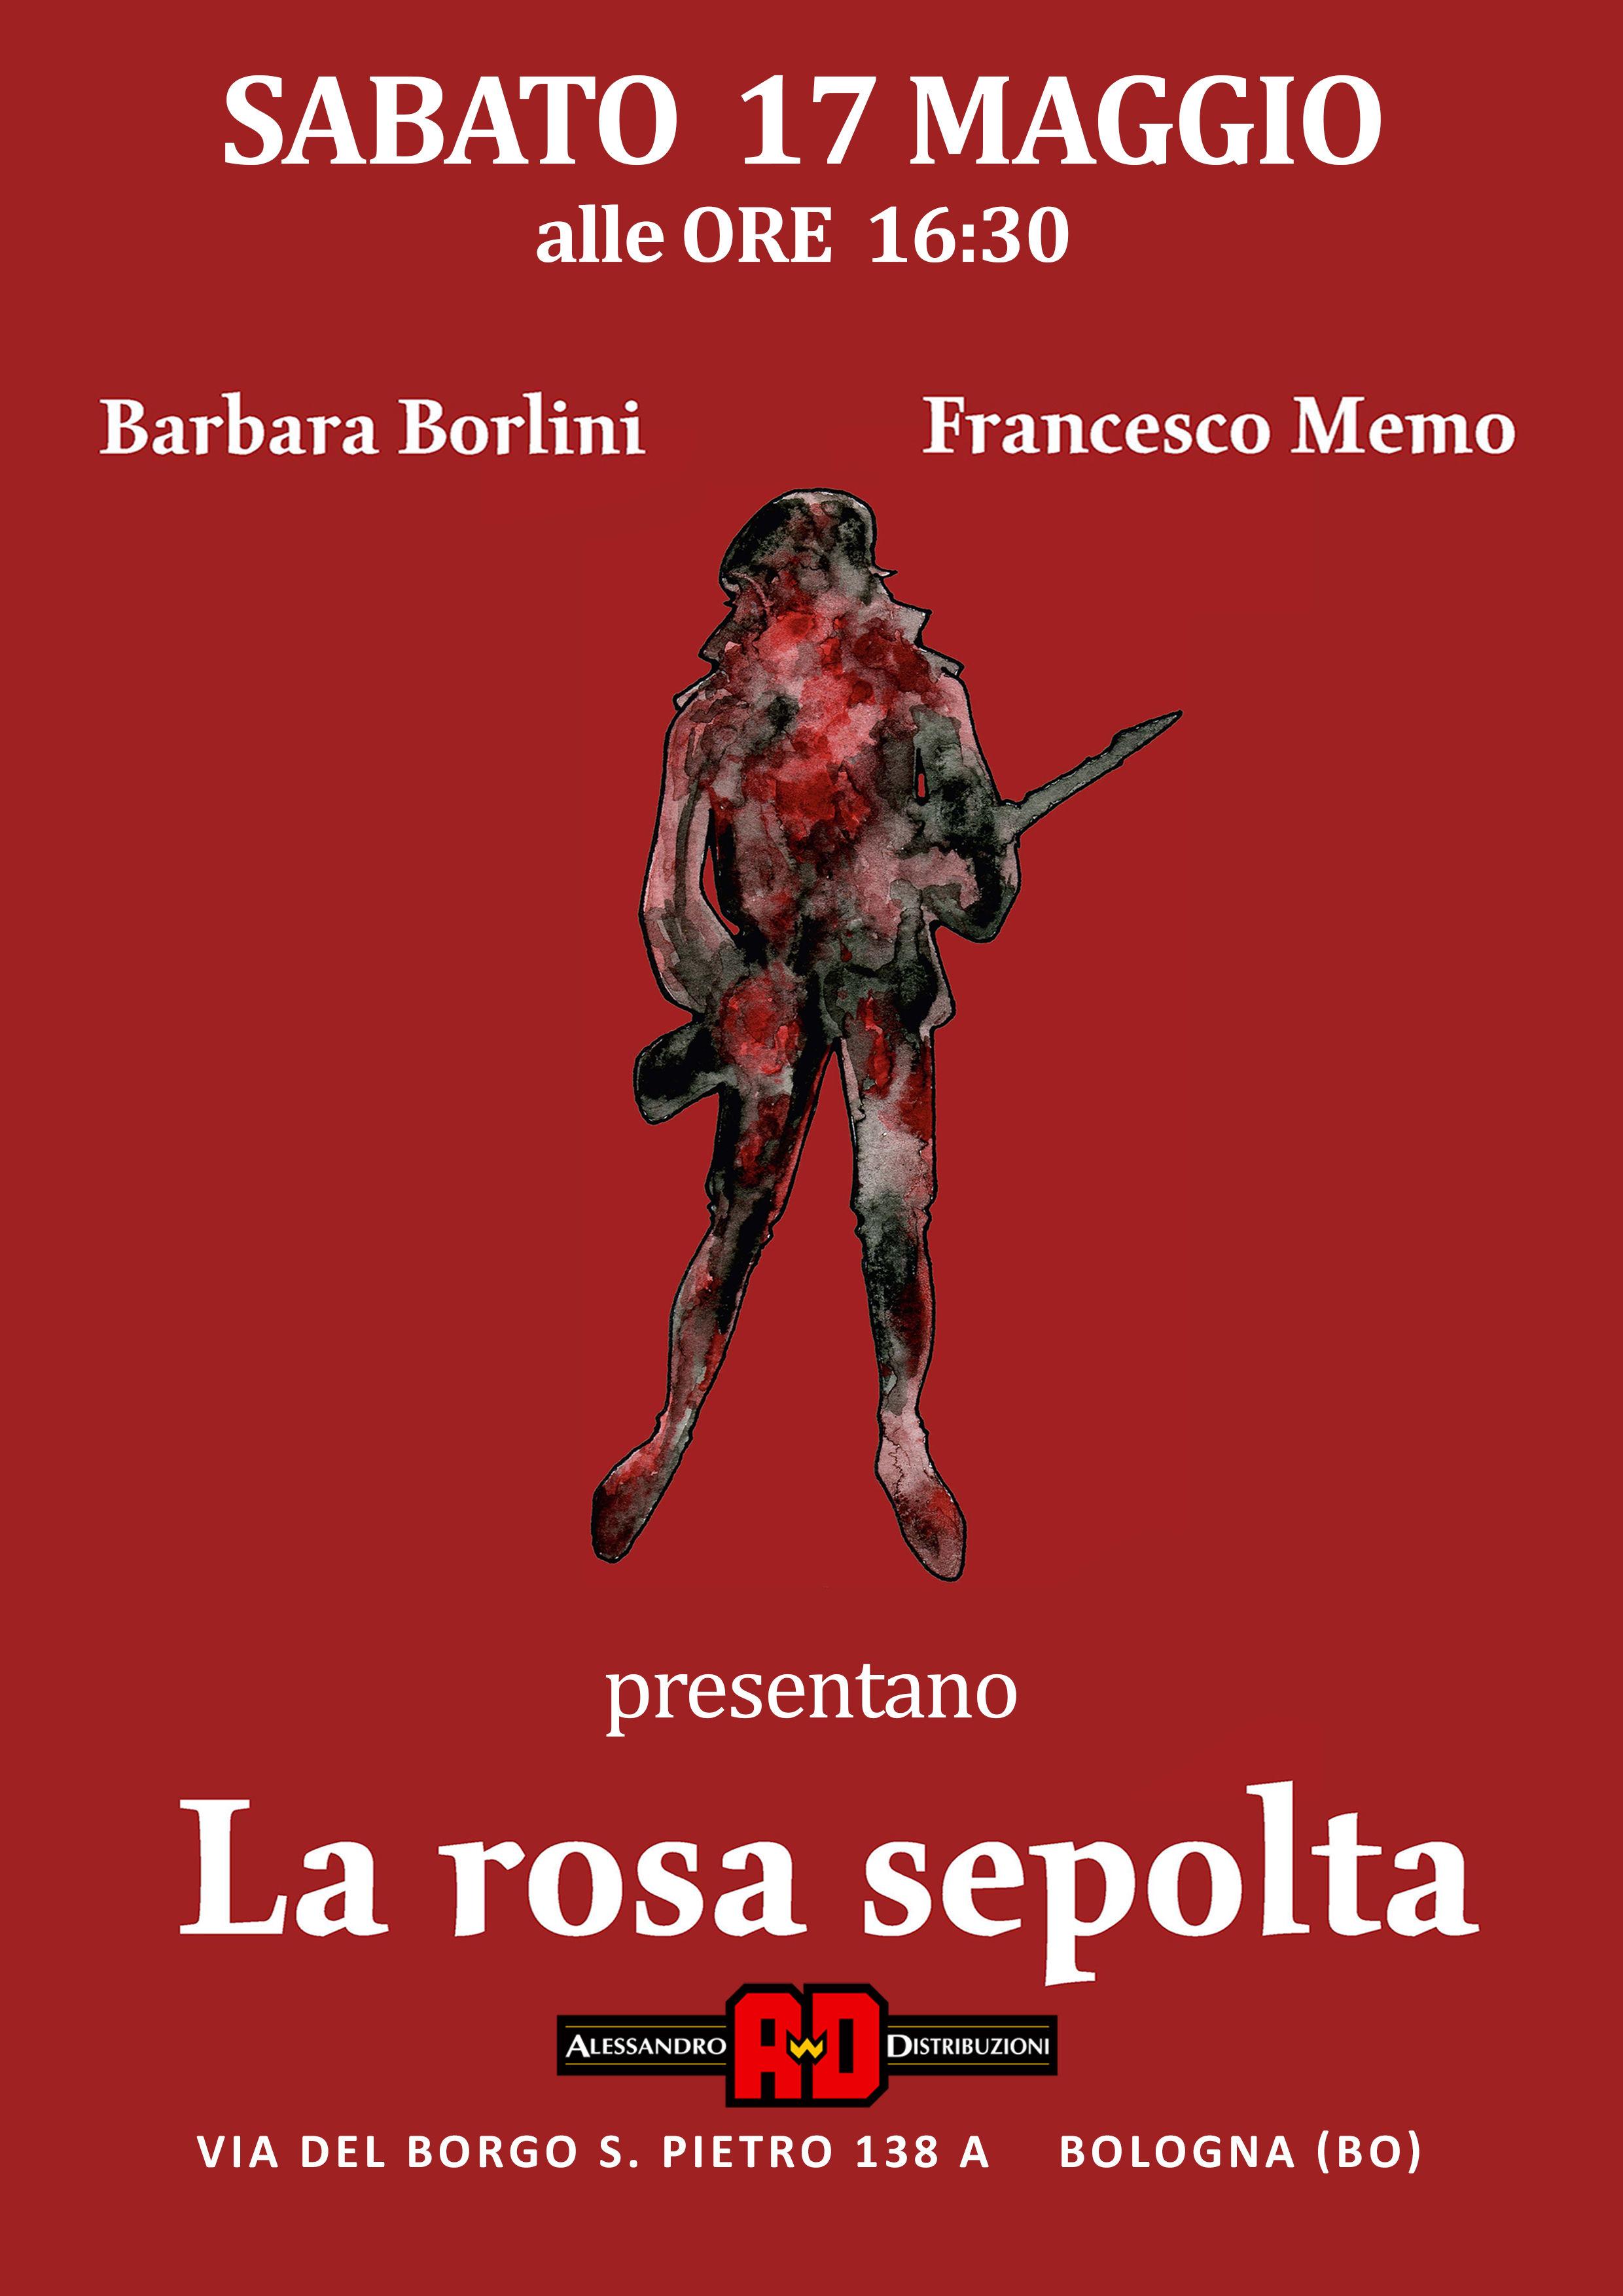 alessandro-distribuzione-presenta-la-graphic-novel-la-rosa-sepolta